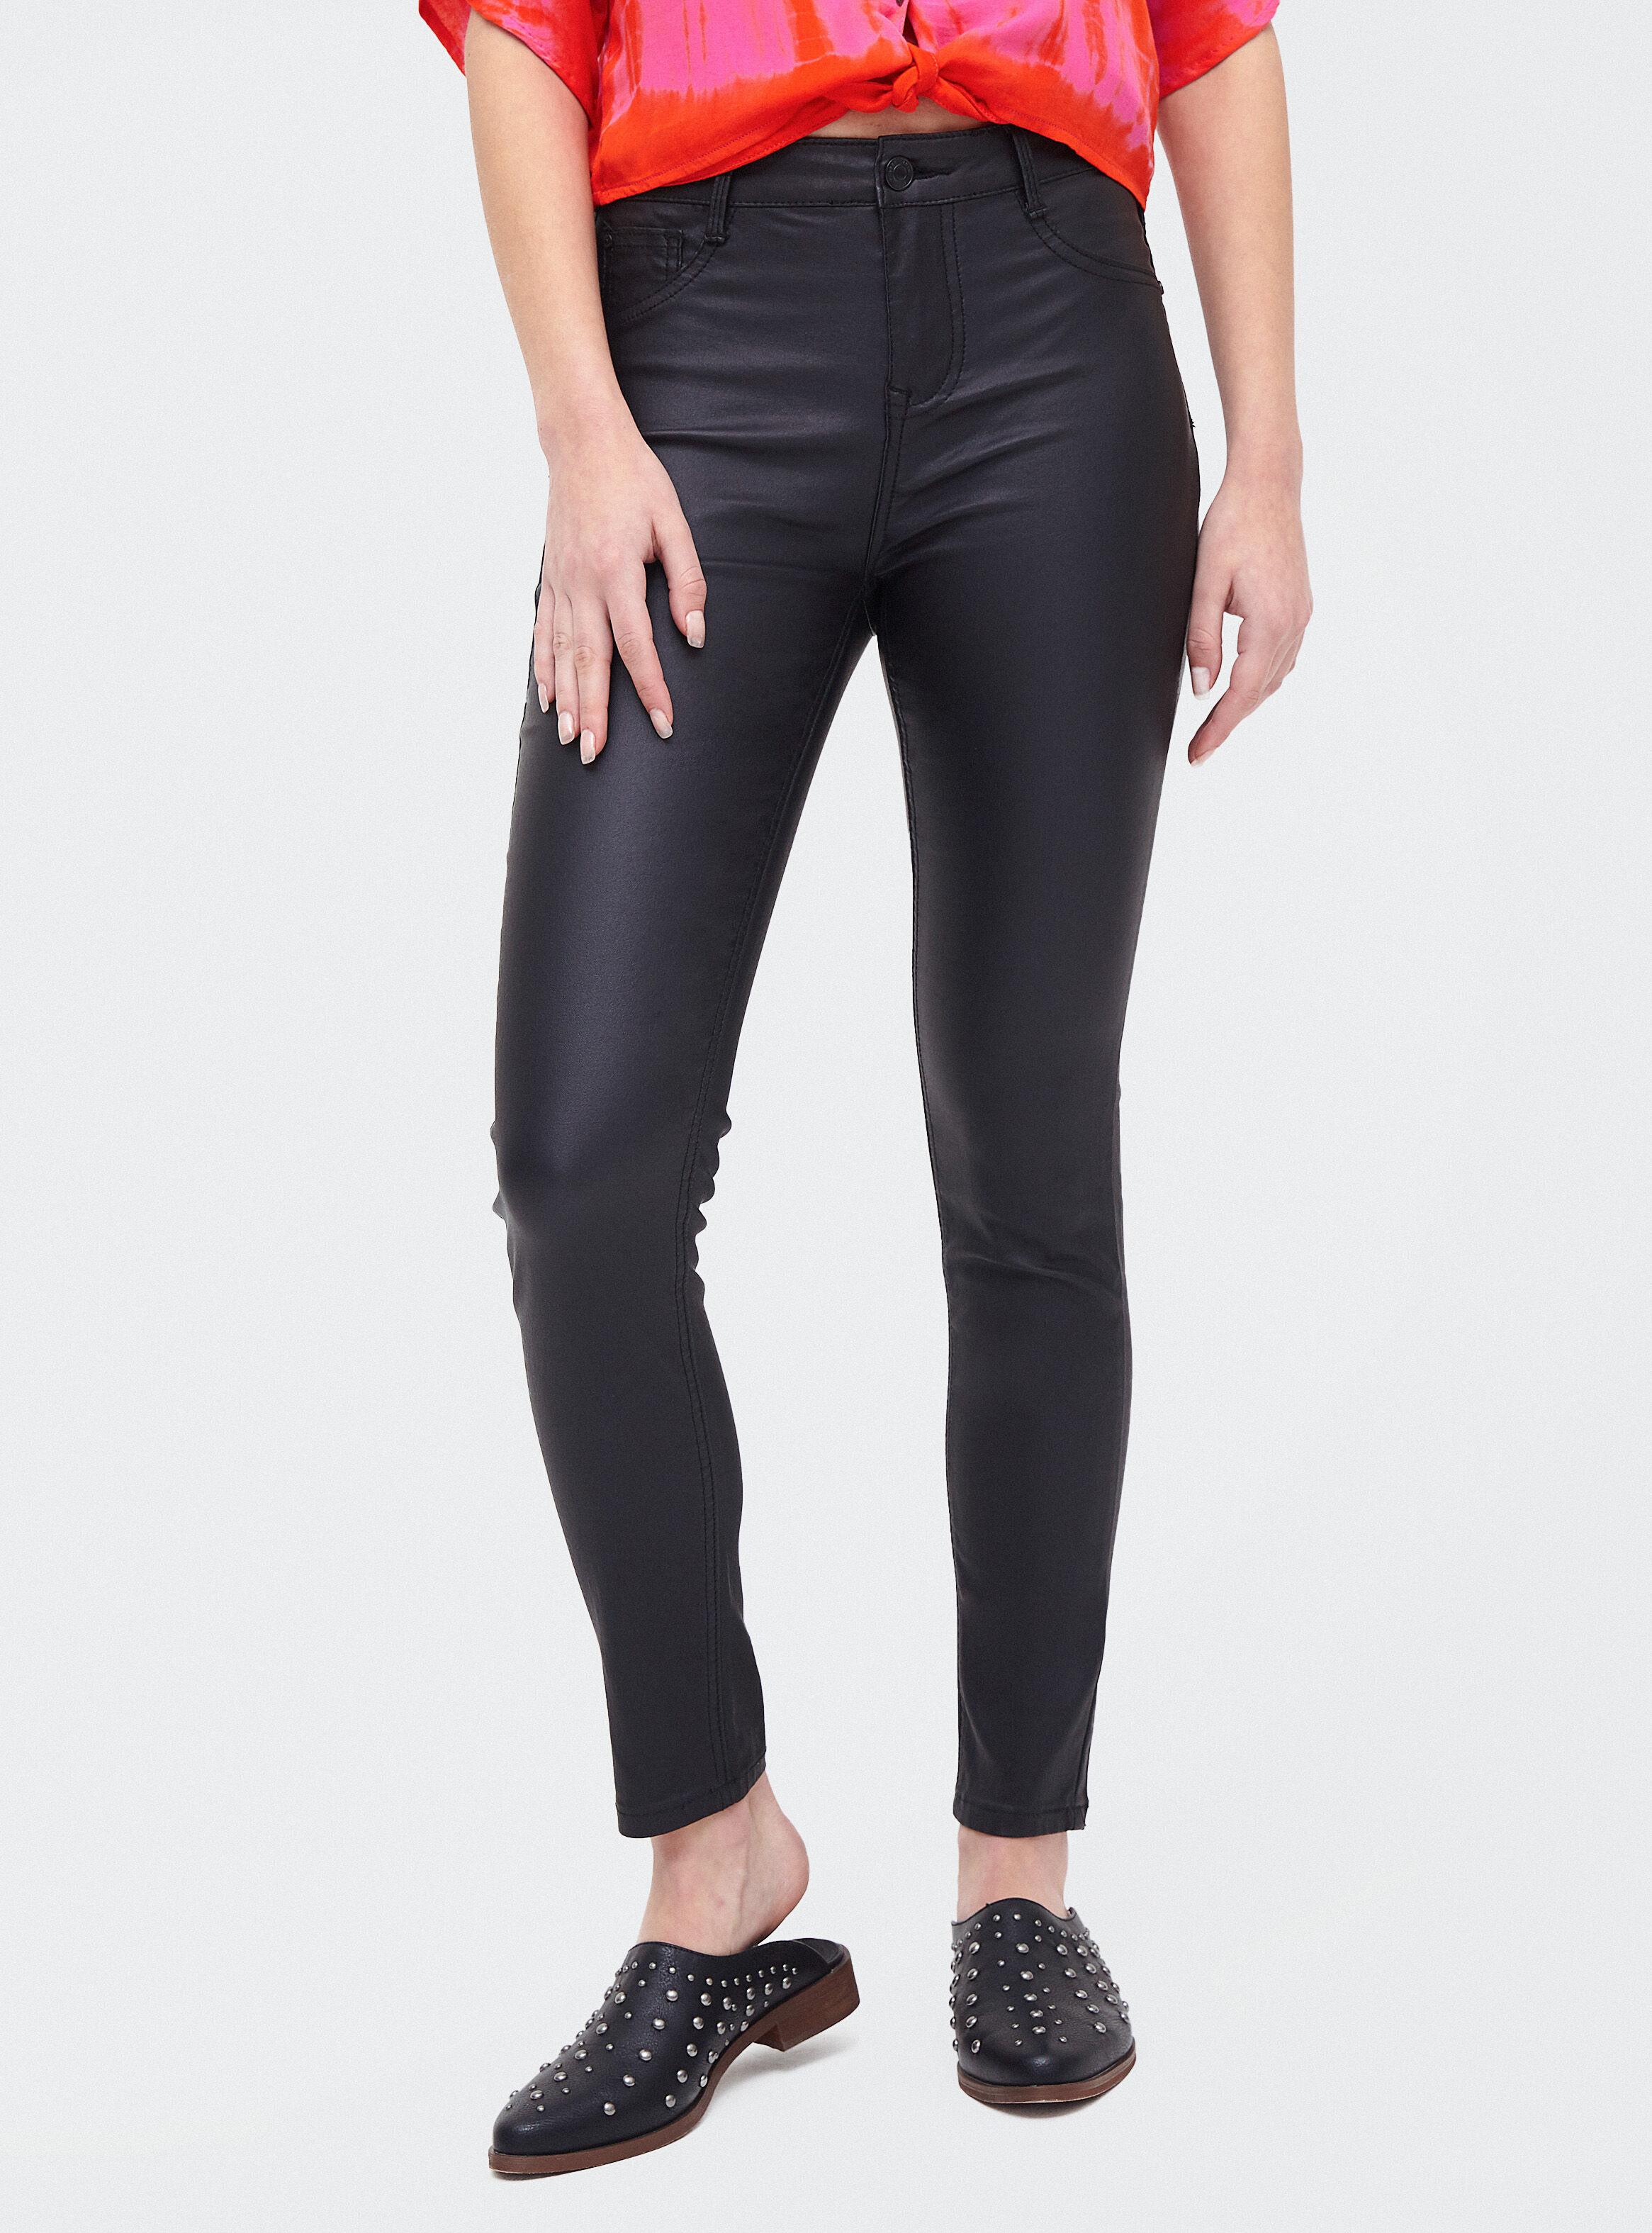 Pantalones OcasiónParis cl Básico Toda Un En Vestir Para xstQrChd